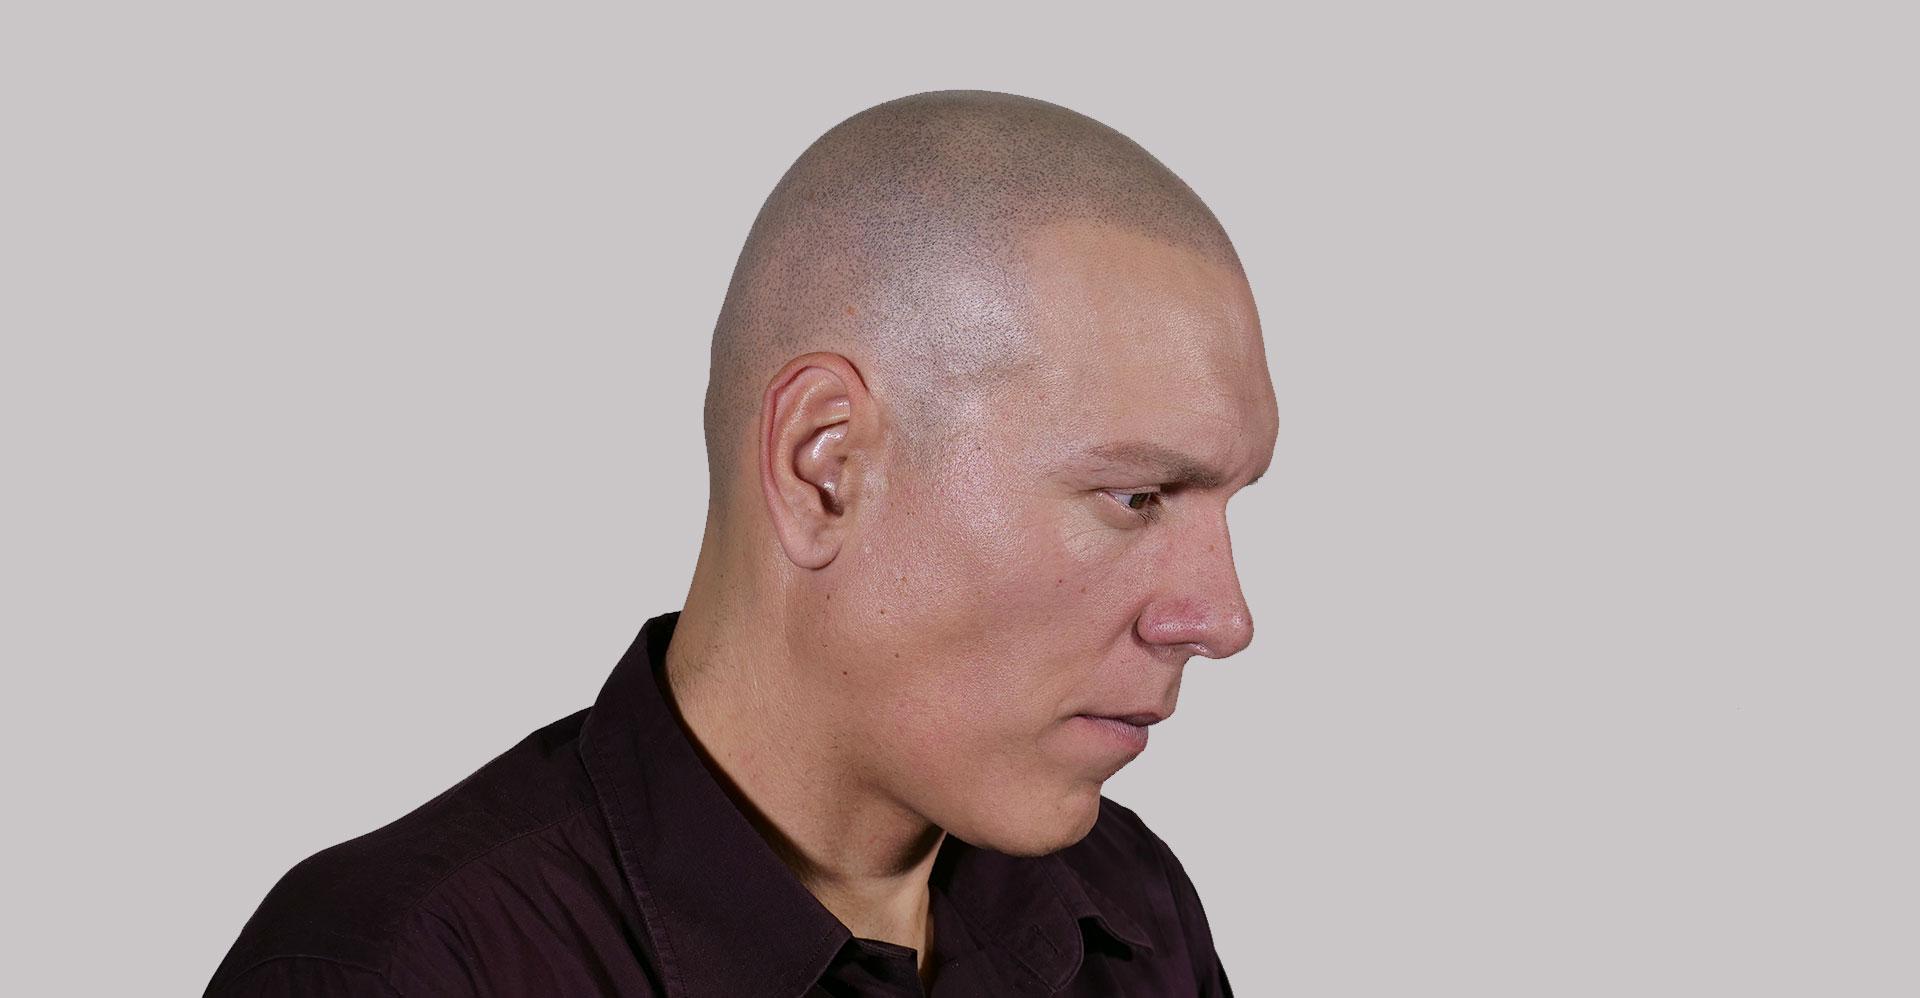 tratamiento_alopecia_areata